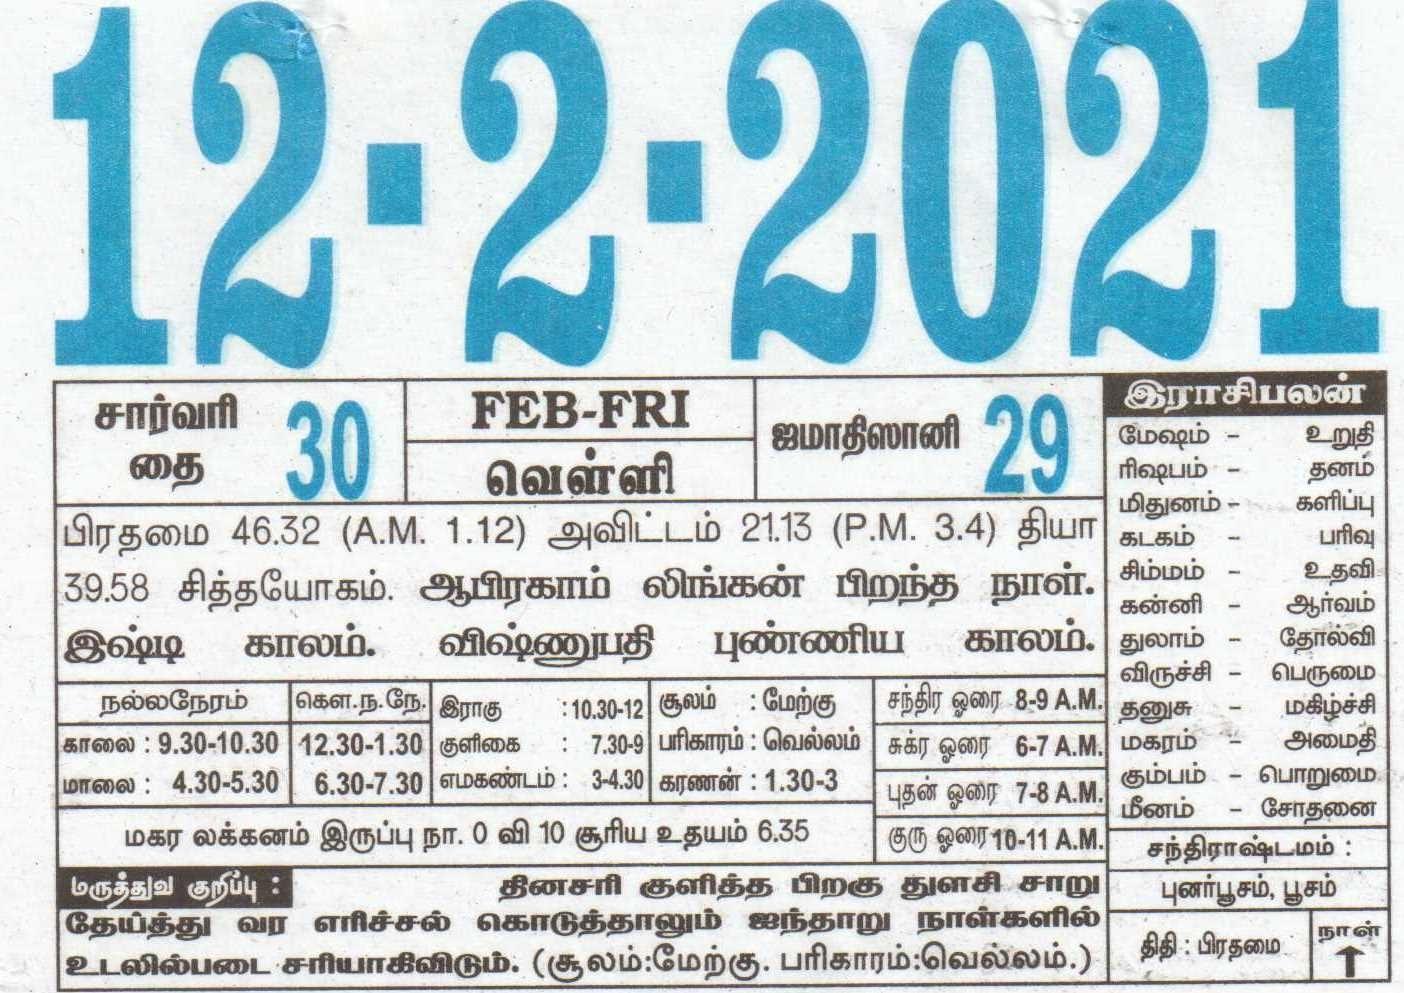 12-02-2021 Daily Calendar | Date 12 , January Daily Tear Off Calendar | Daily Panchangam Rasi Palan